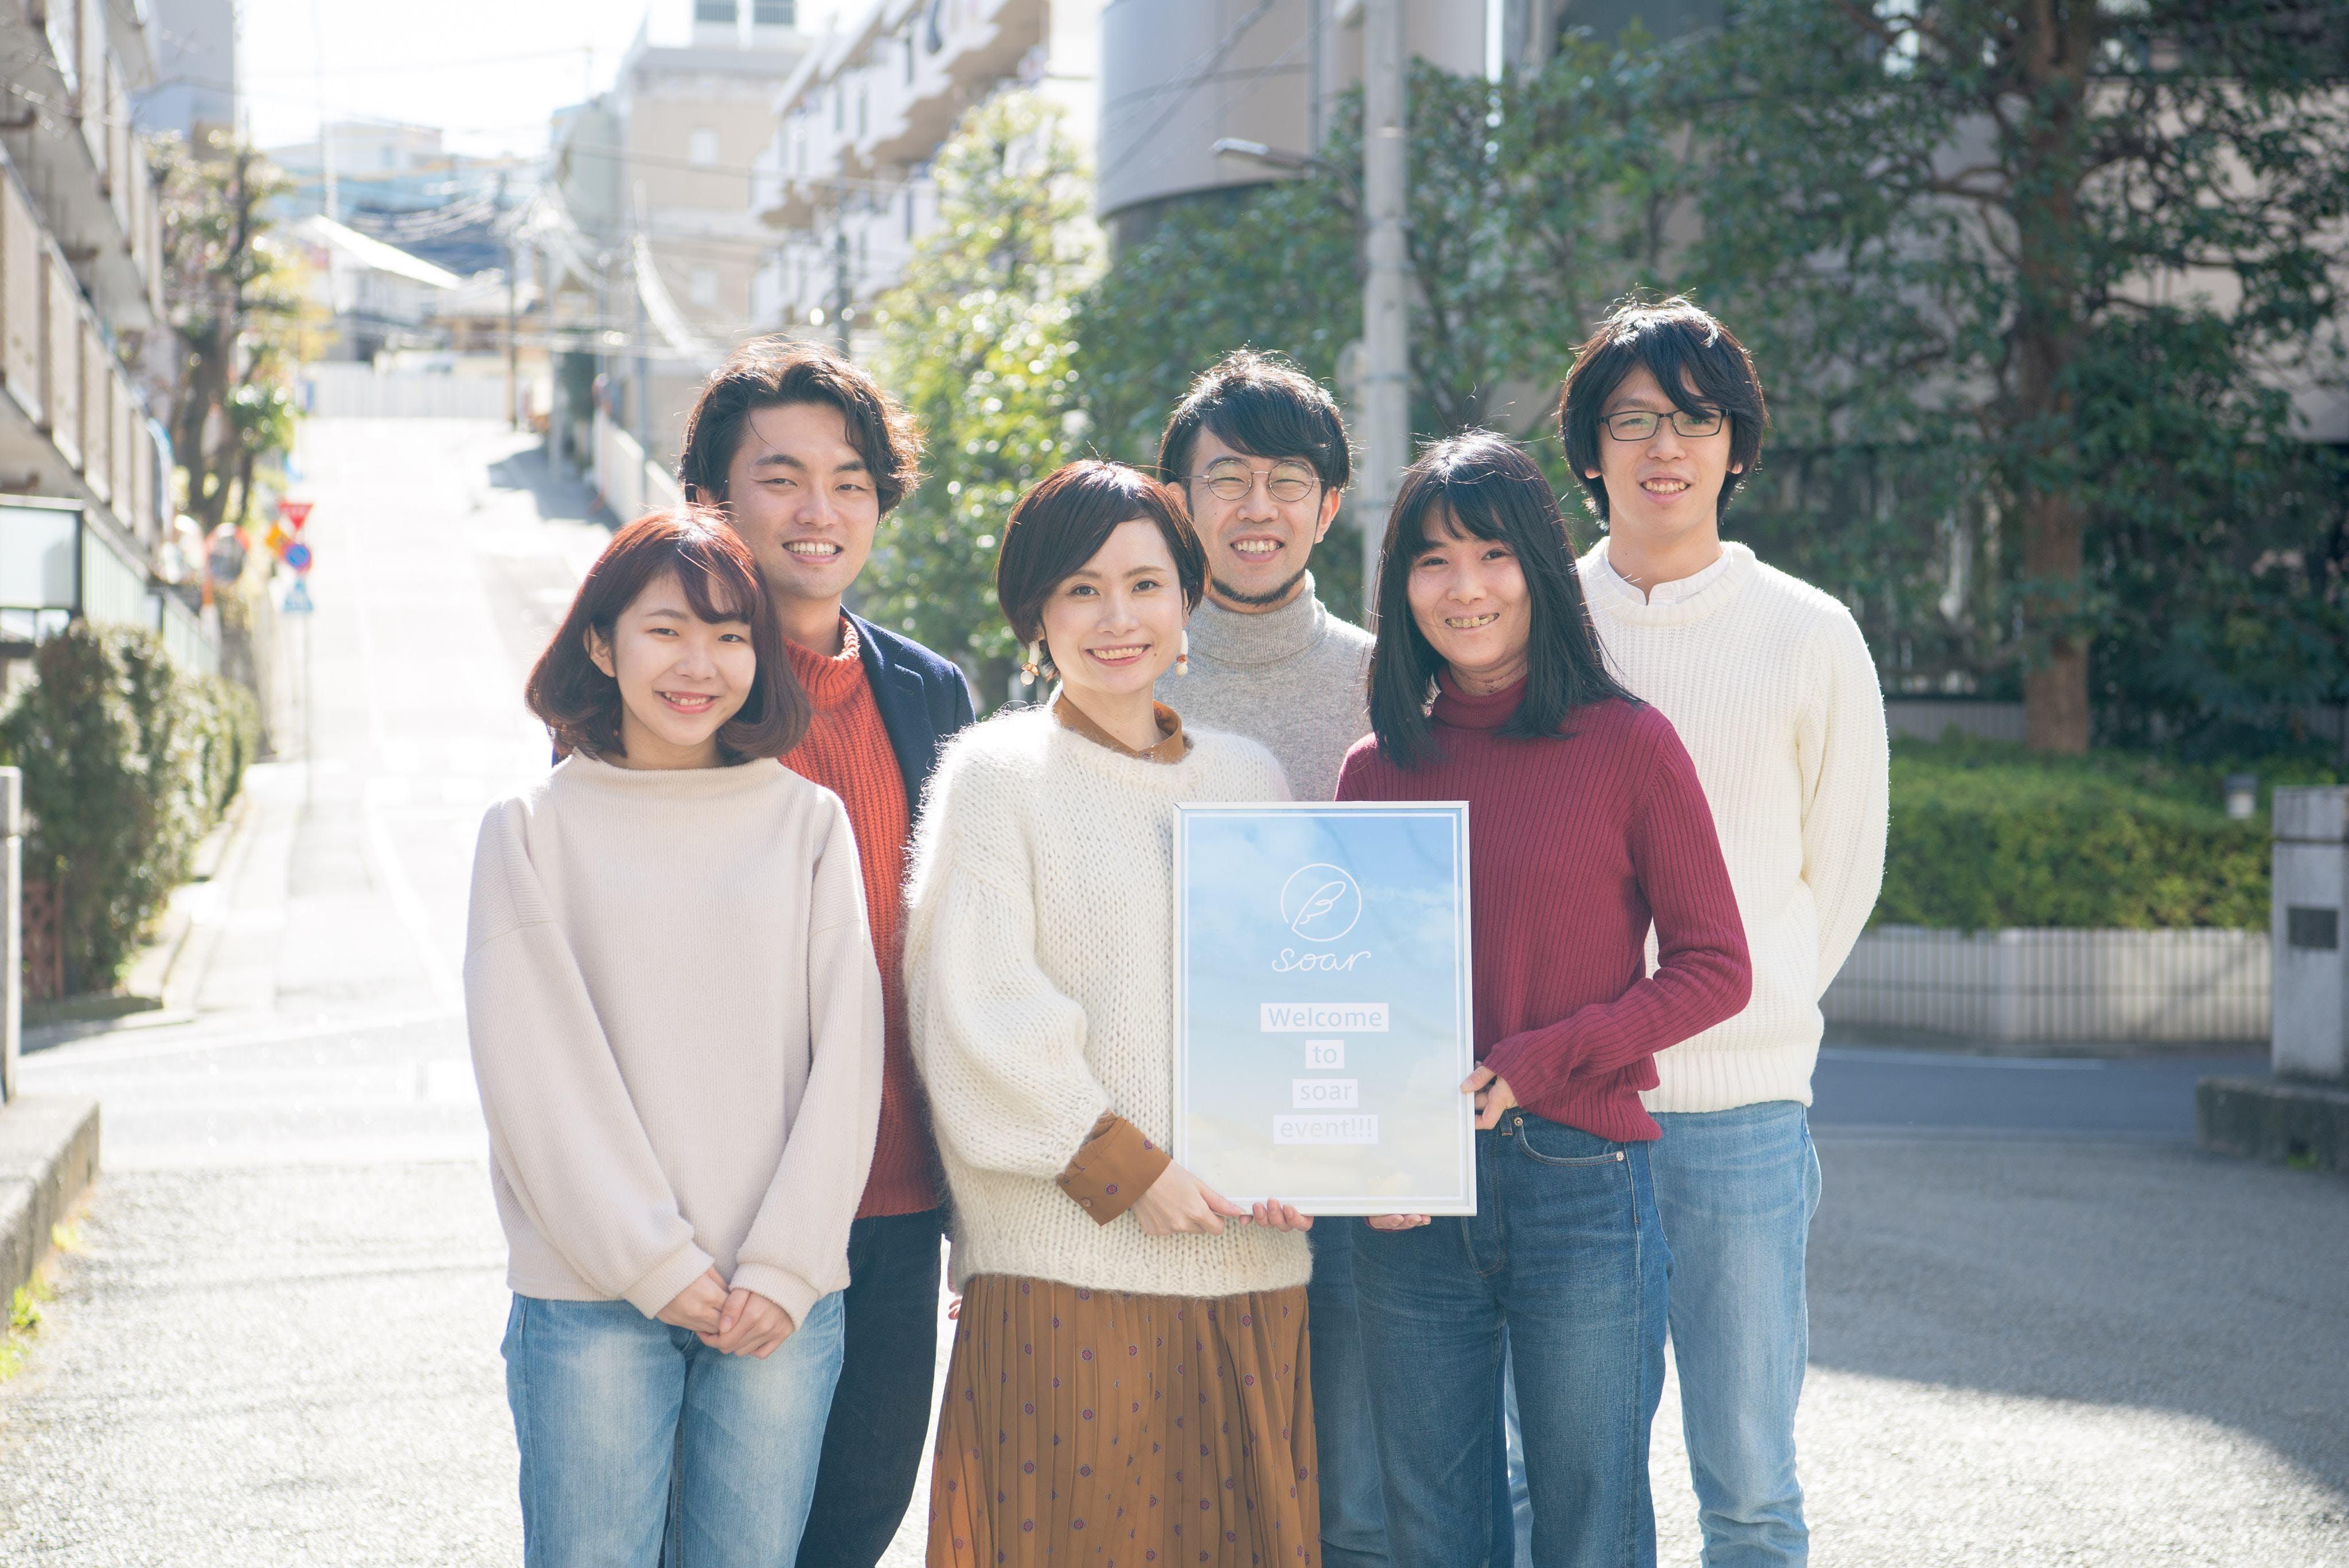 【写真】晴れた日に屋外でsoarのロゴが入ったポスターを持って微笑むメンバーの集合写真